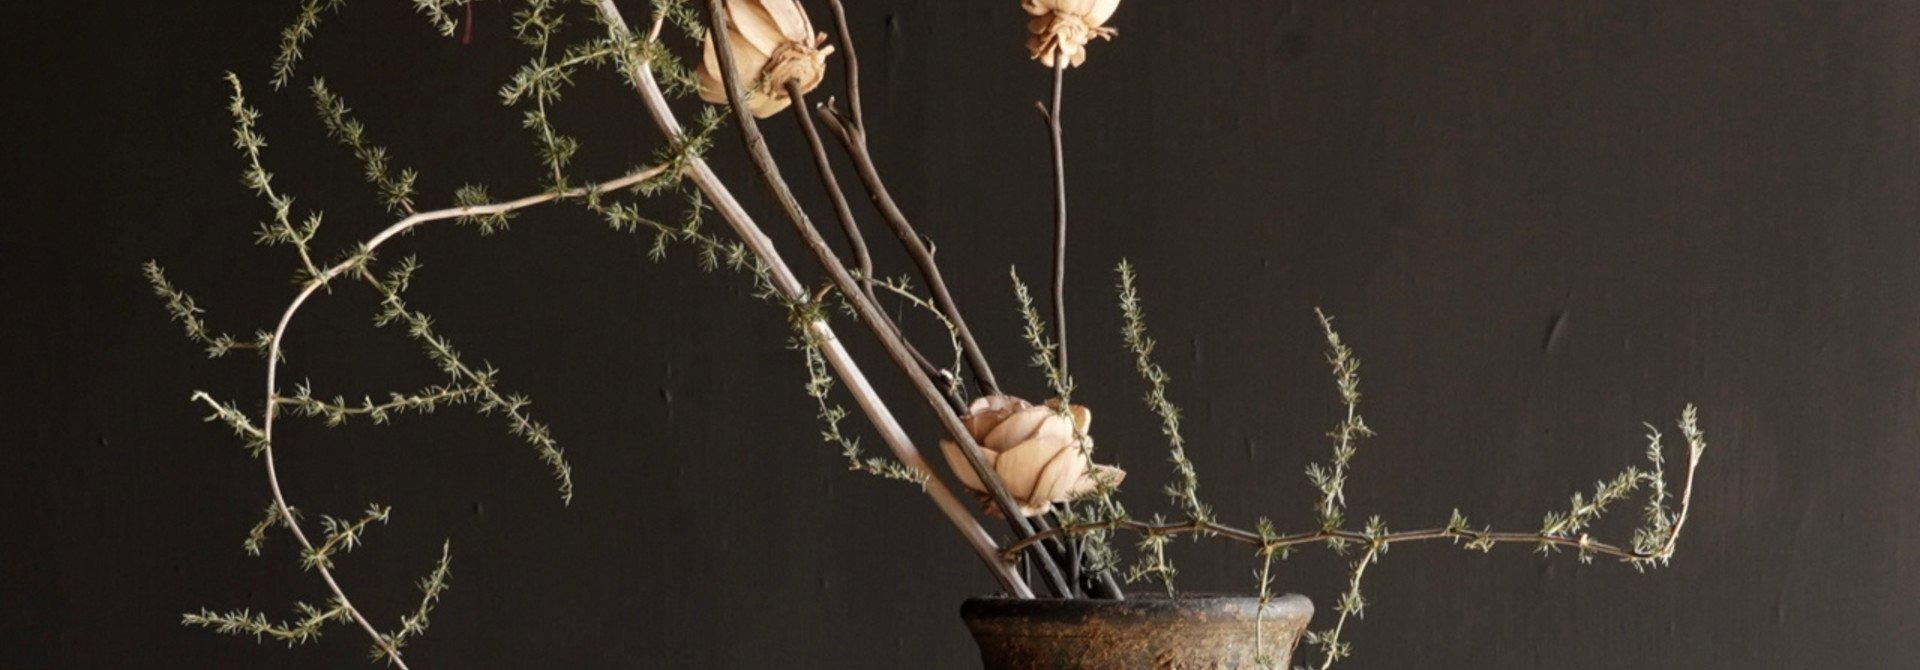 Bündel Schaumblumen auf Zweig